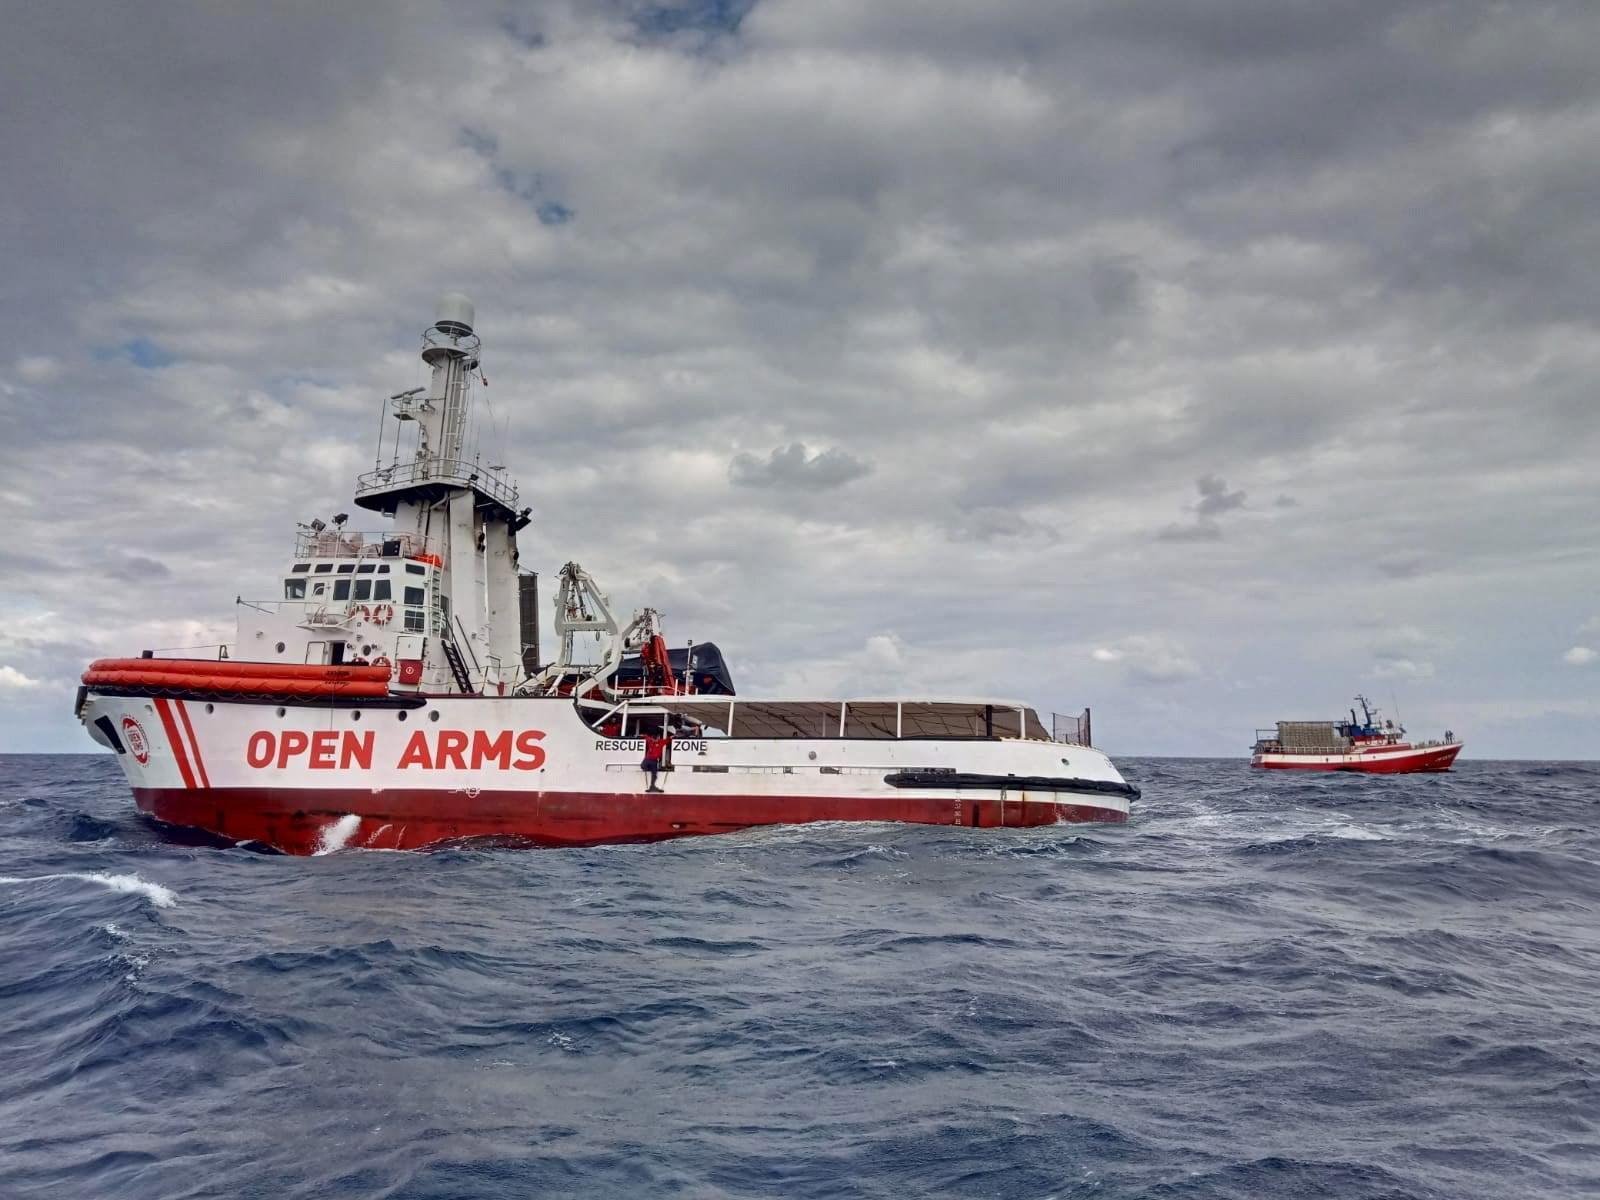 Risultati immagini per immagine della nave open arms